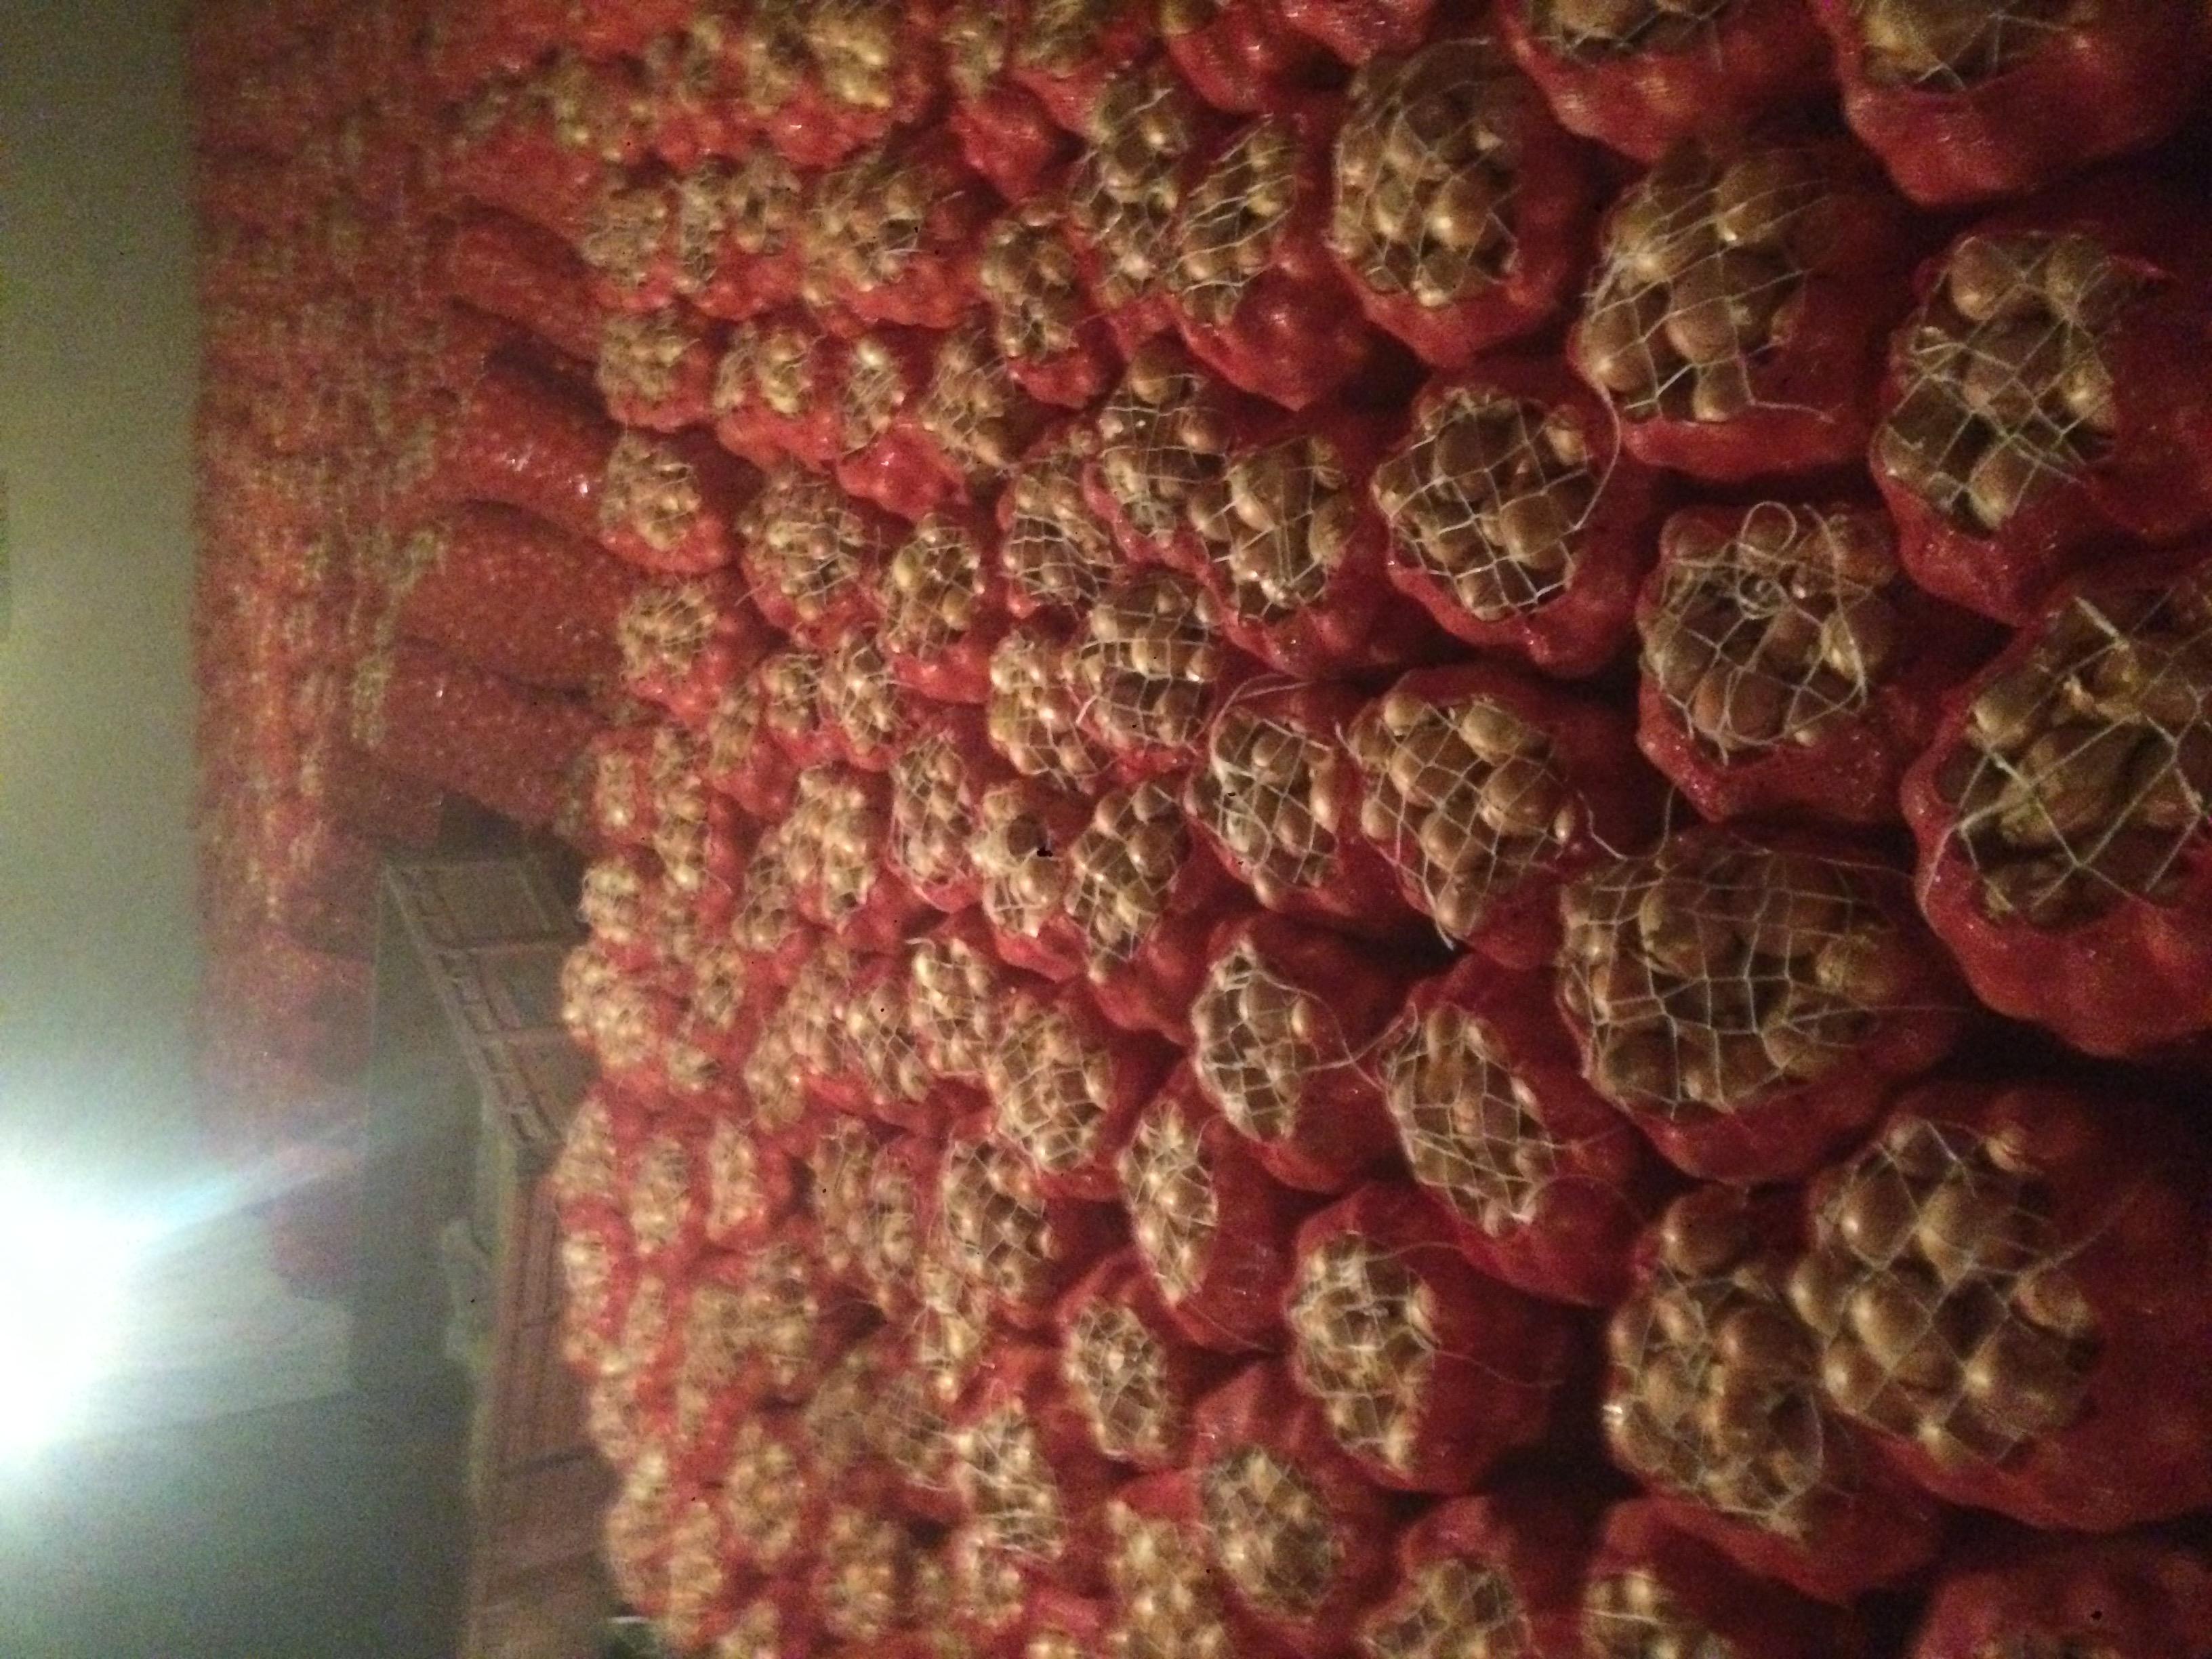 Hastalıksız depoluk soğan resimi fotoğrafı